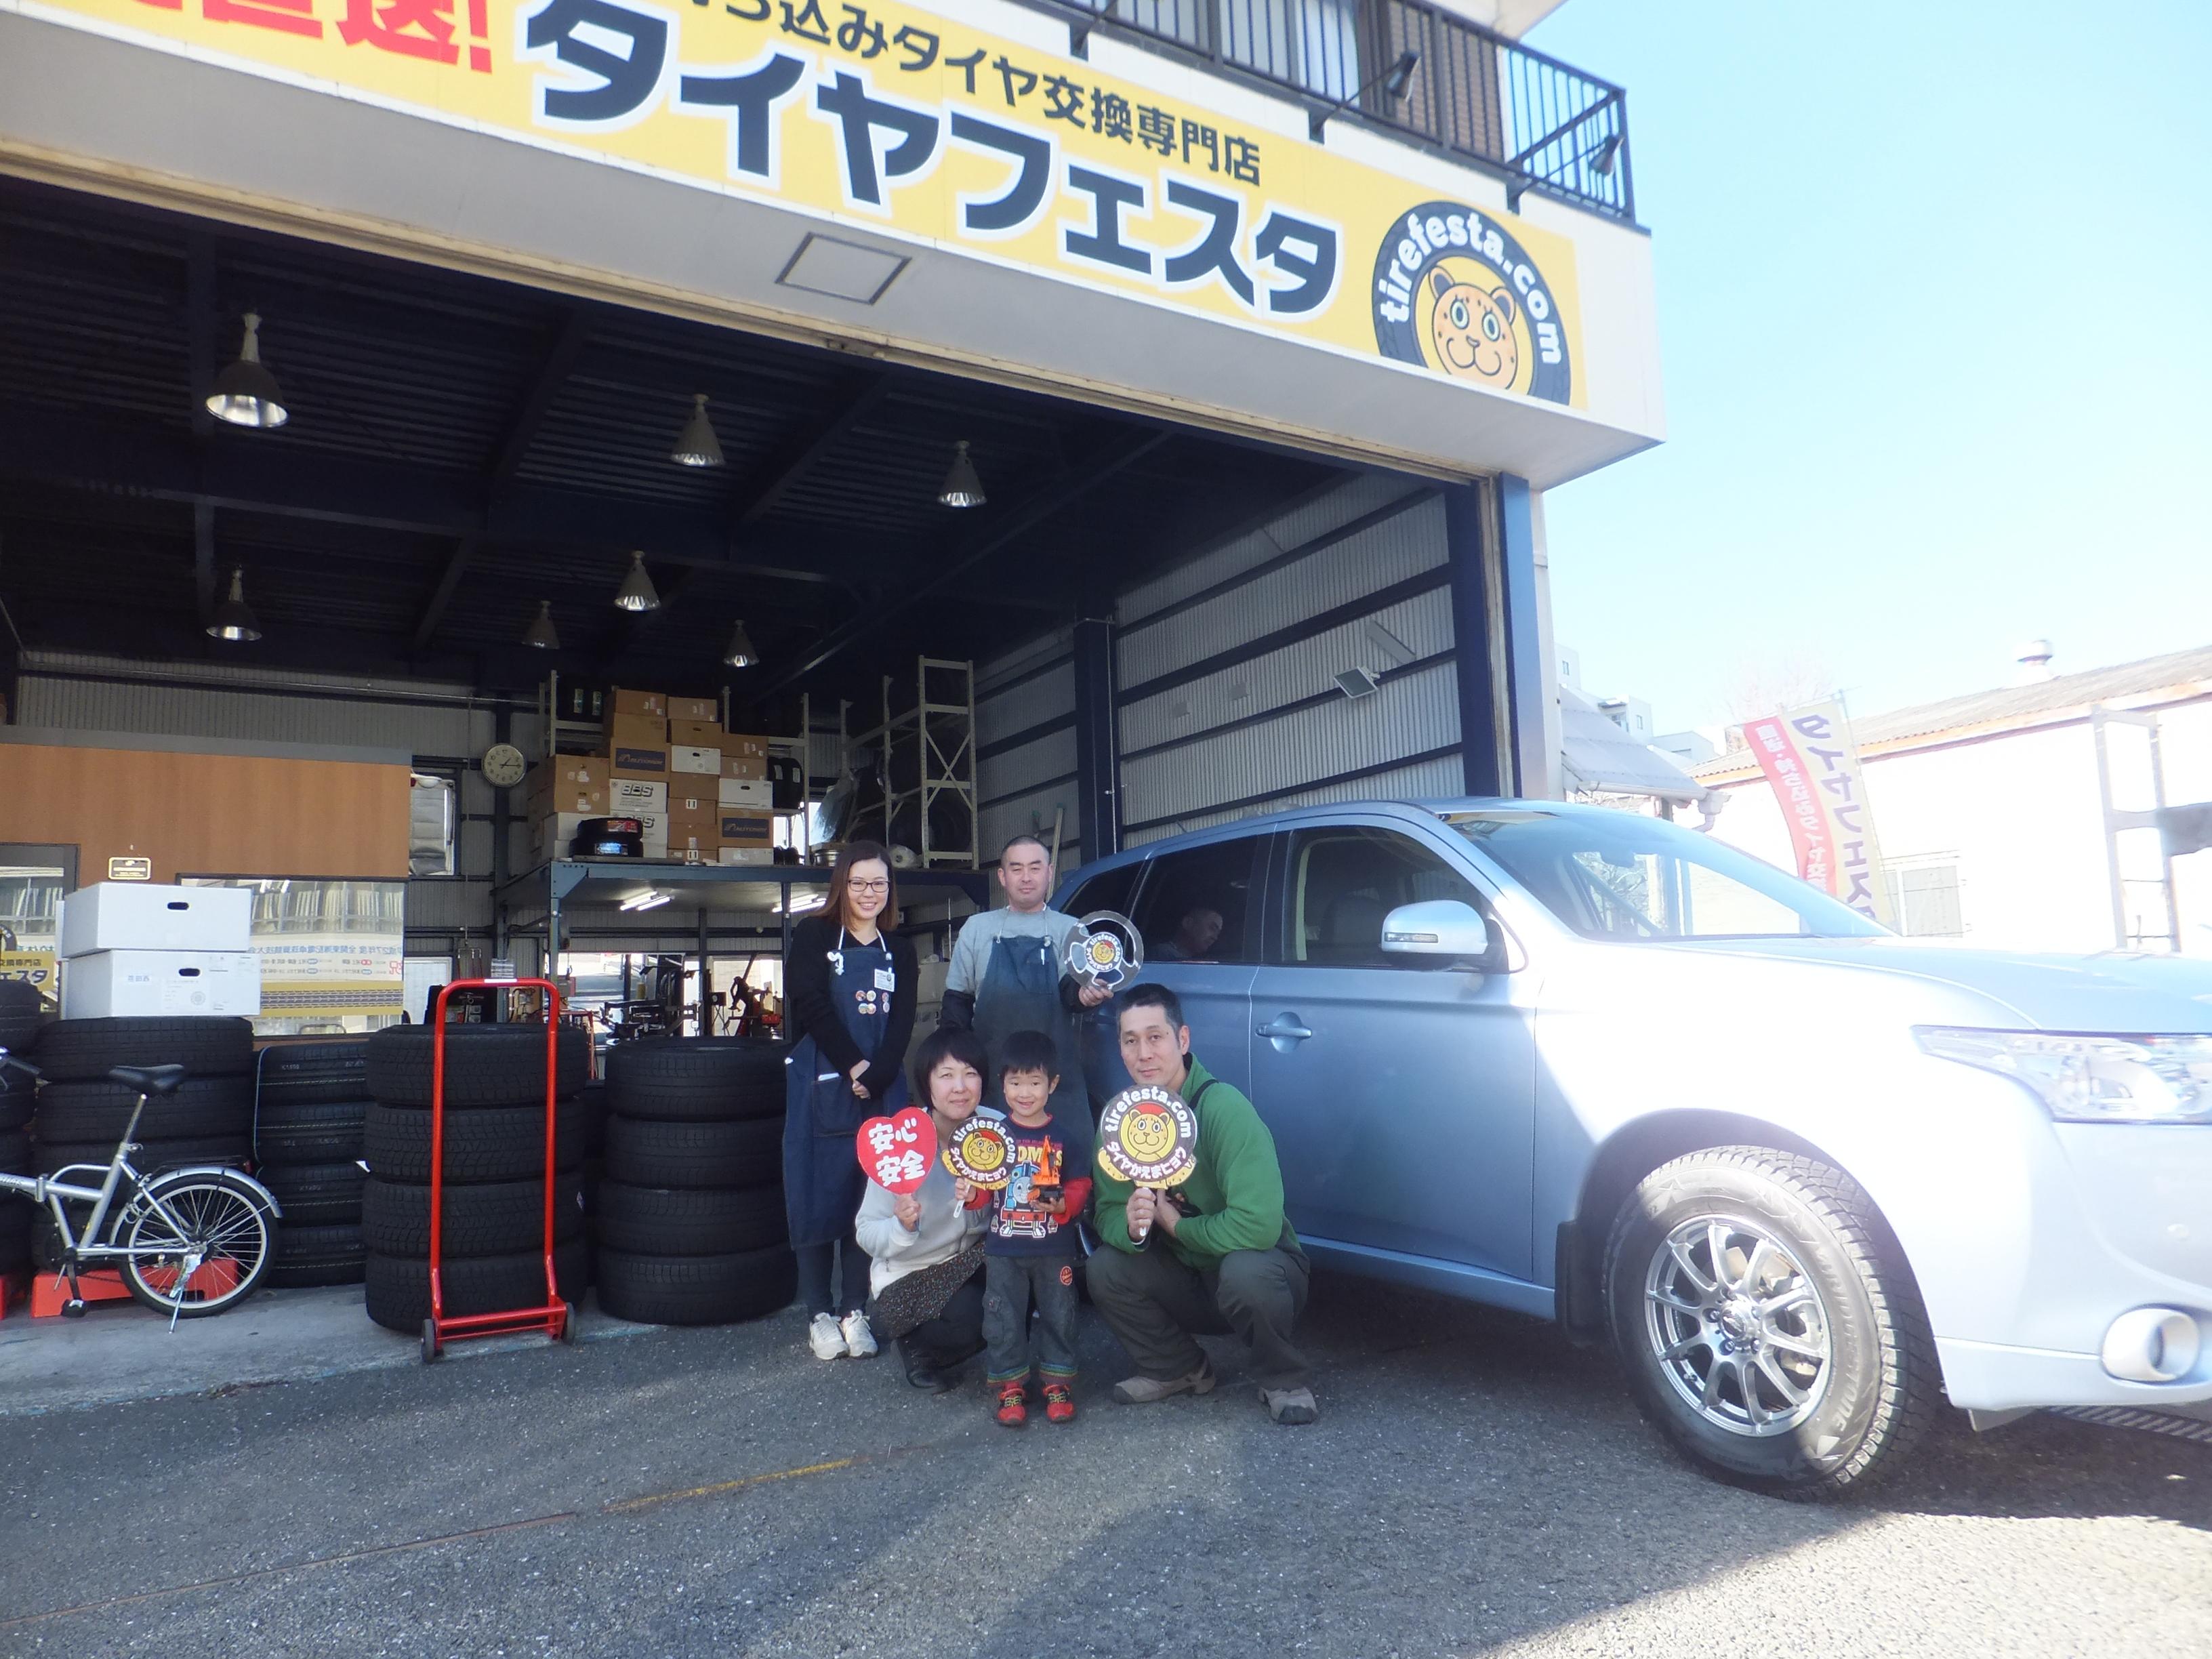 横浜市旭区Y様 三菱アウトランダーのタイヤ交換を承りました。